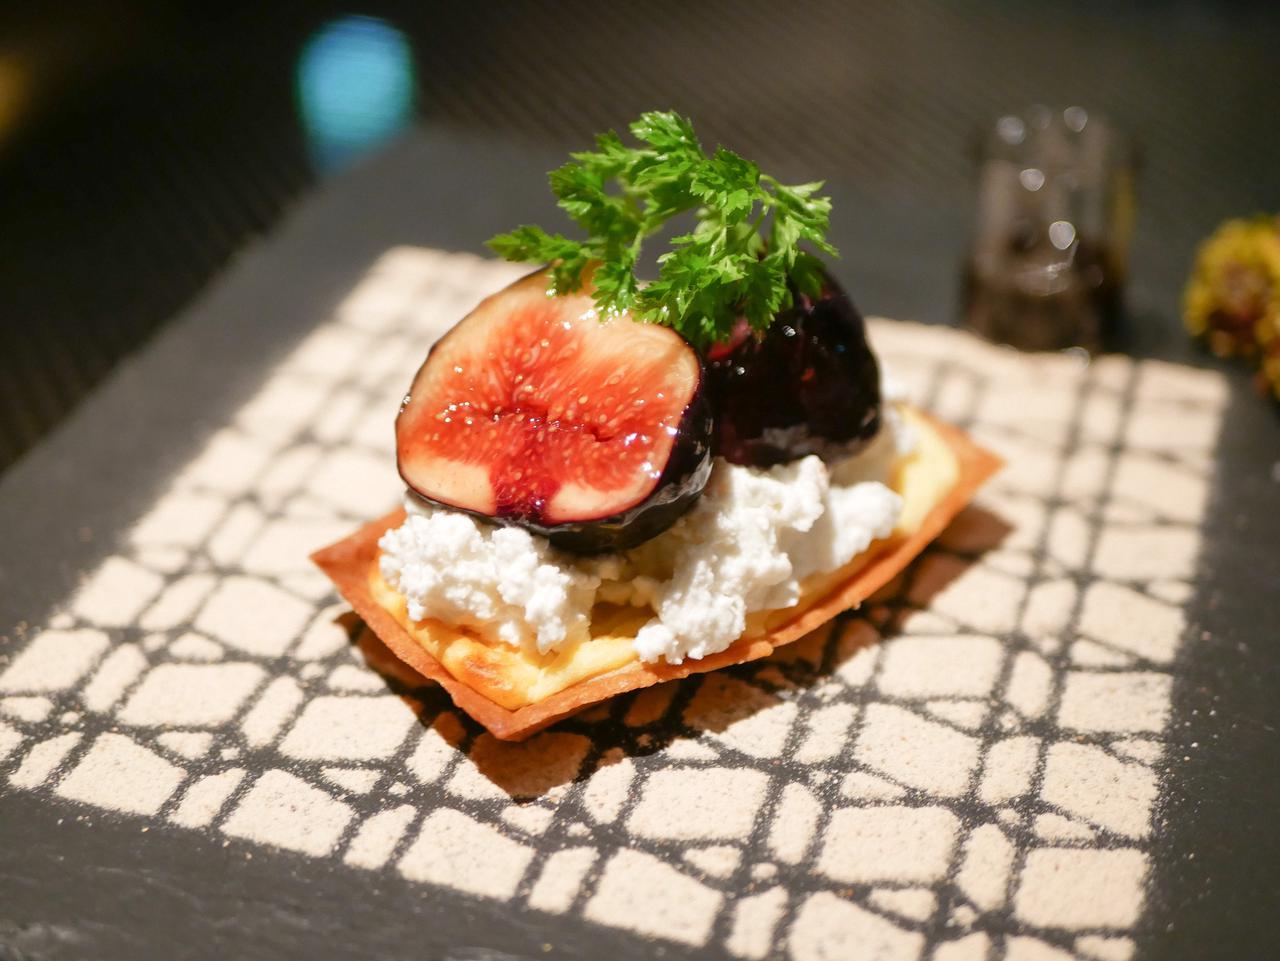 画像1: 旬のフルーツを贅沢に使用!「季節のタルト」